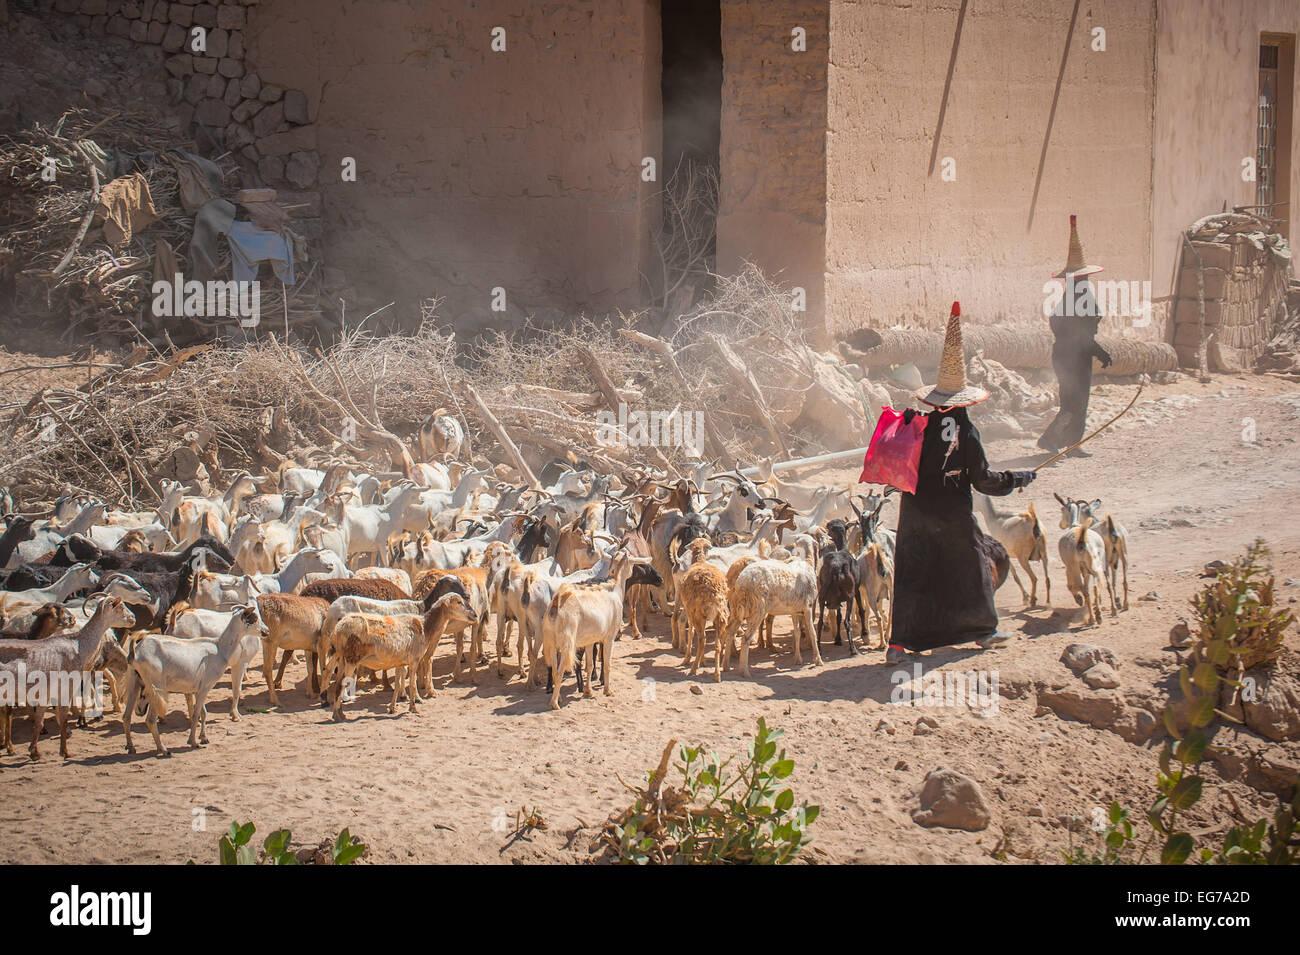 HADRAMAUT, YEMEN - February, 22: Hadramaut 'witches', yemeni women in traditional clothes at Hadramaut provence, - Stock Image